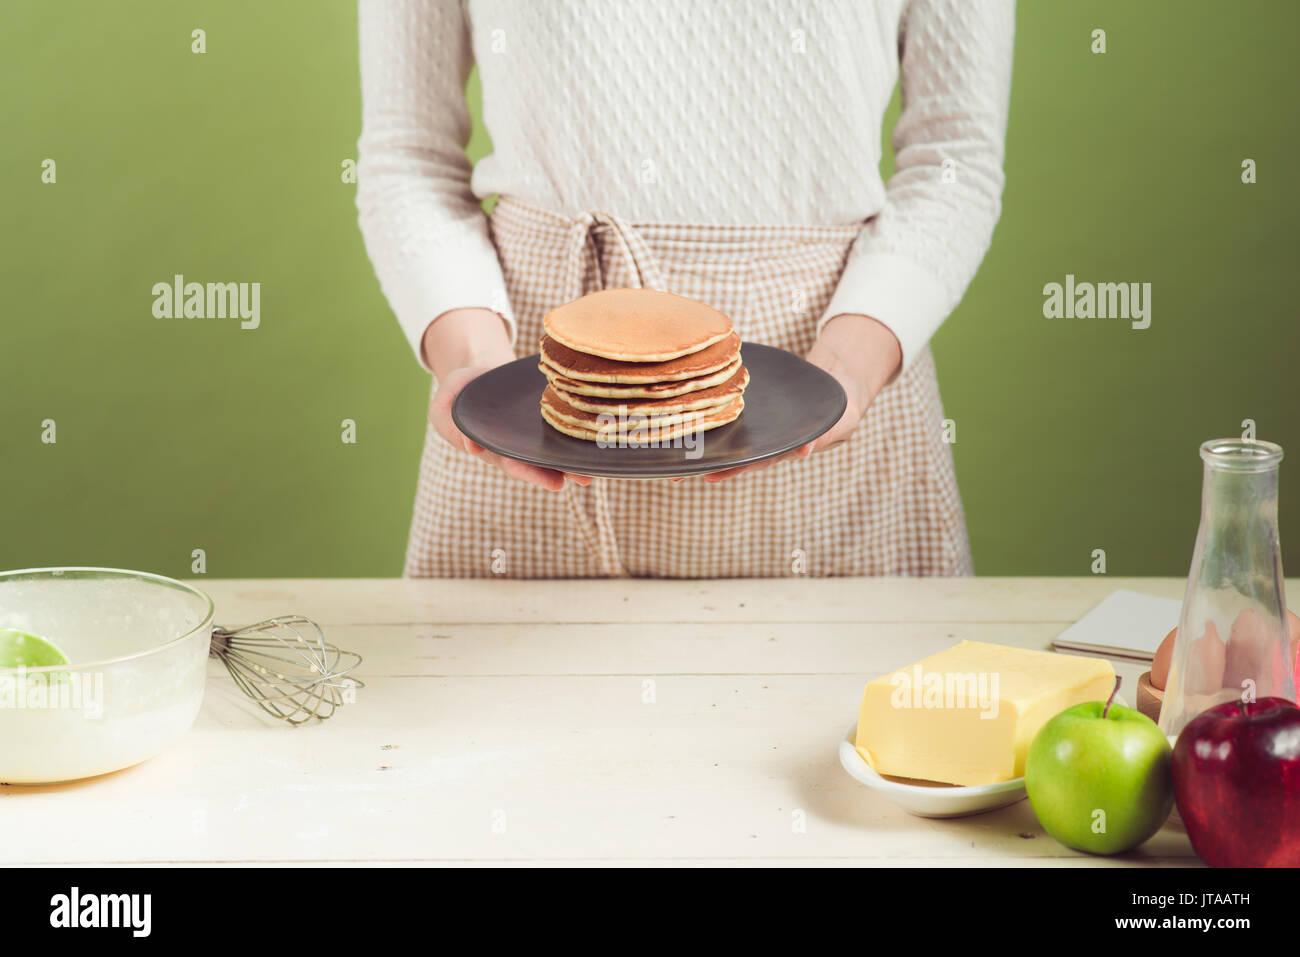 Chambre femme portant un tablier. Pas de faire de la cuisson ...